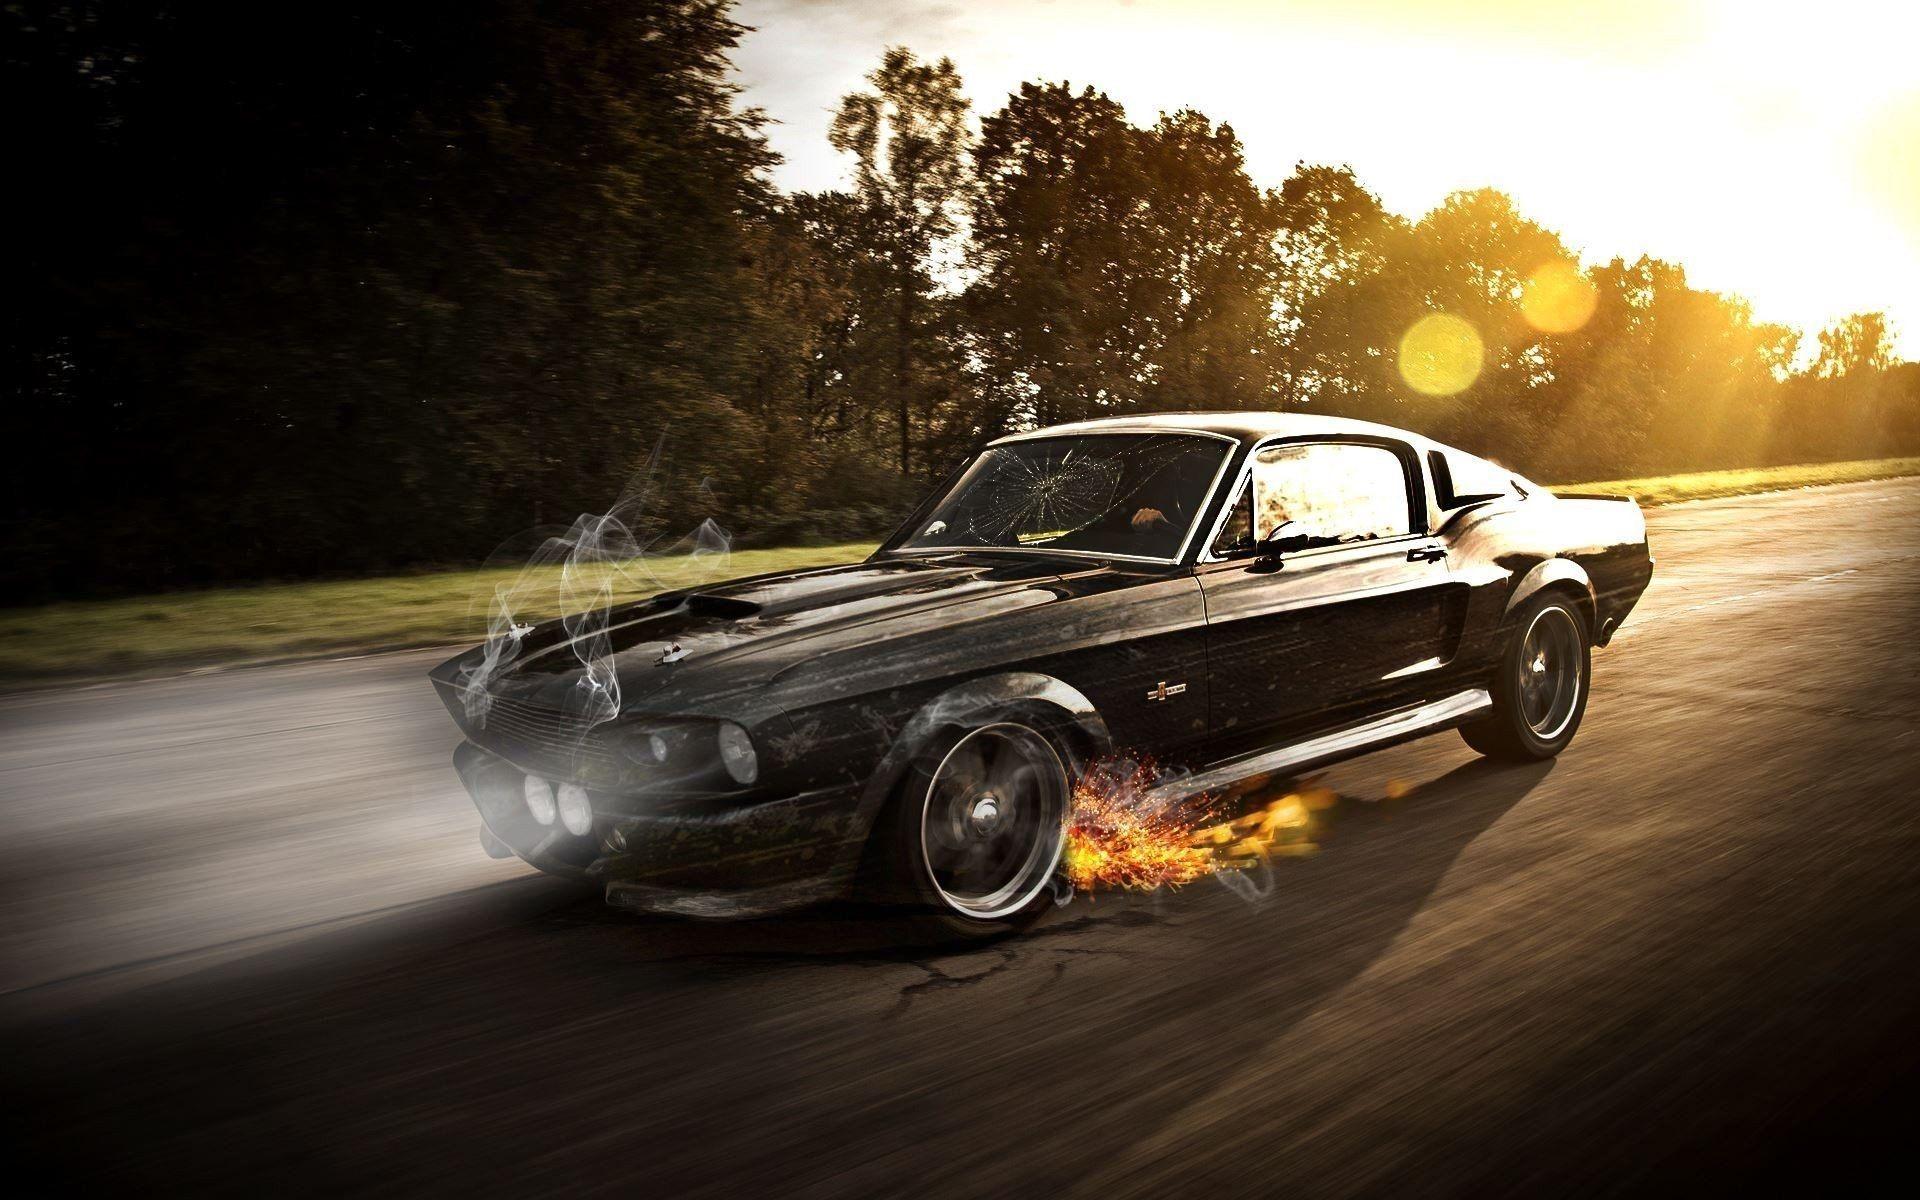 Mustang Free Wallpaper